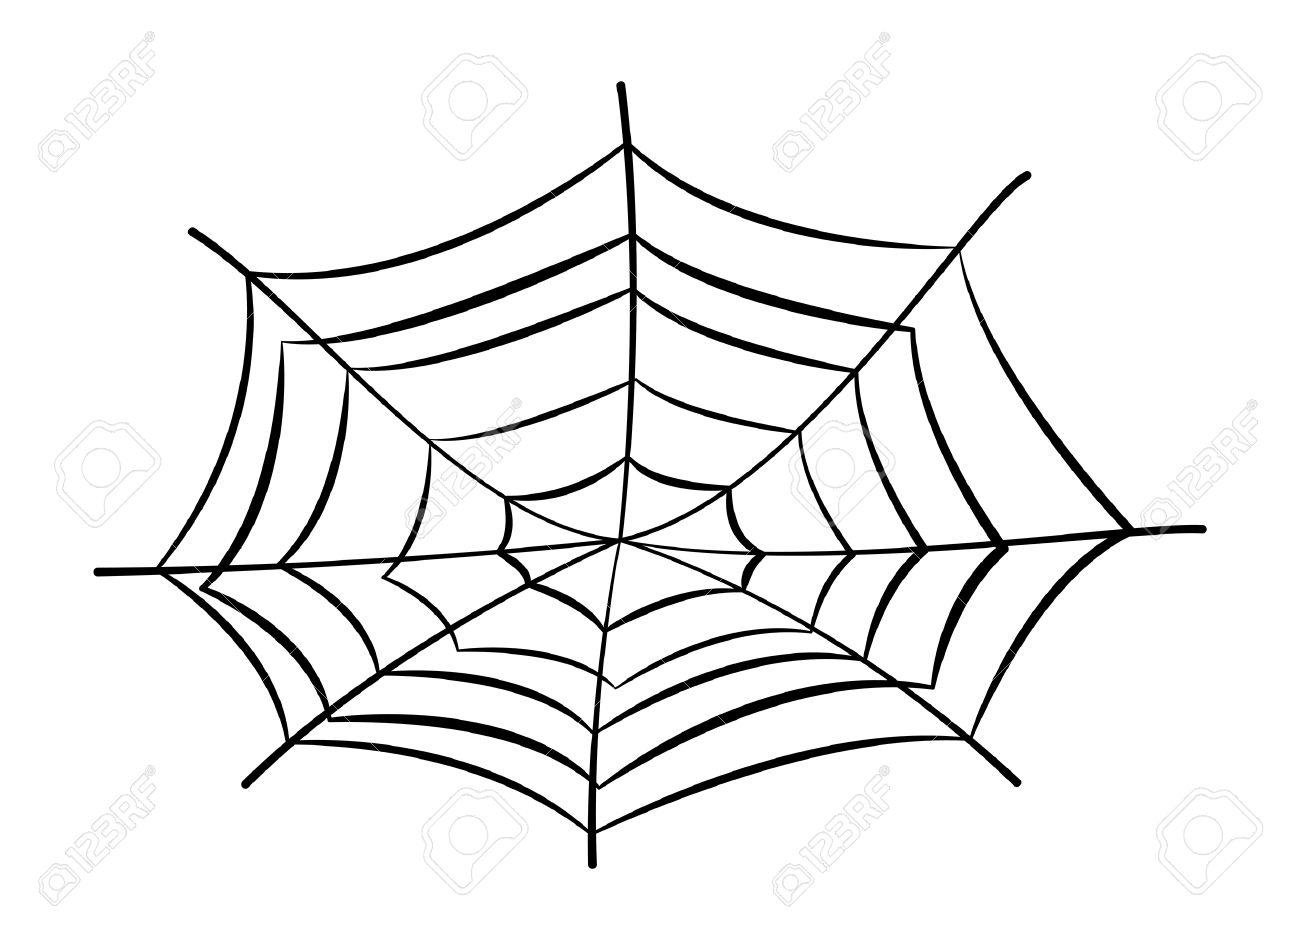 1300x950 Spider Web Cartoon